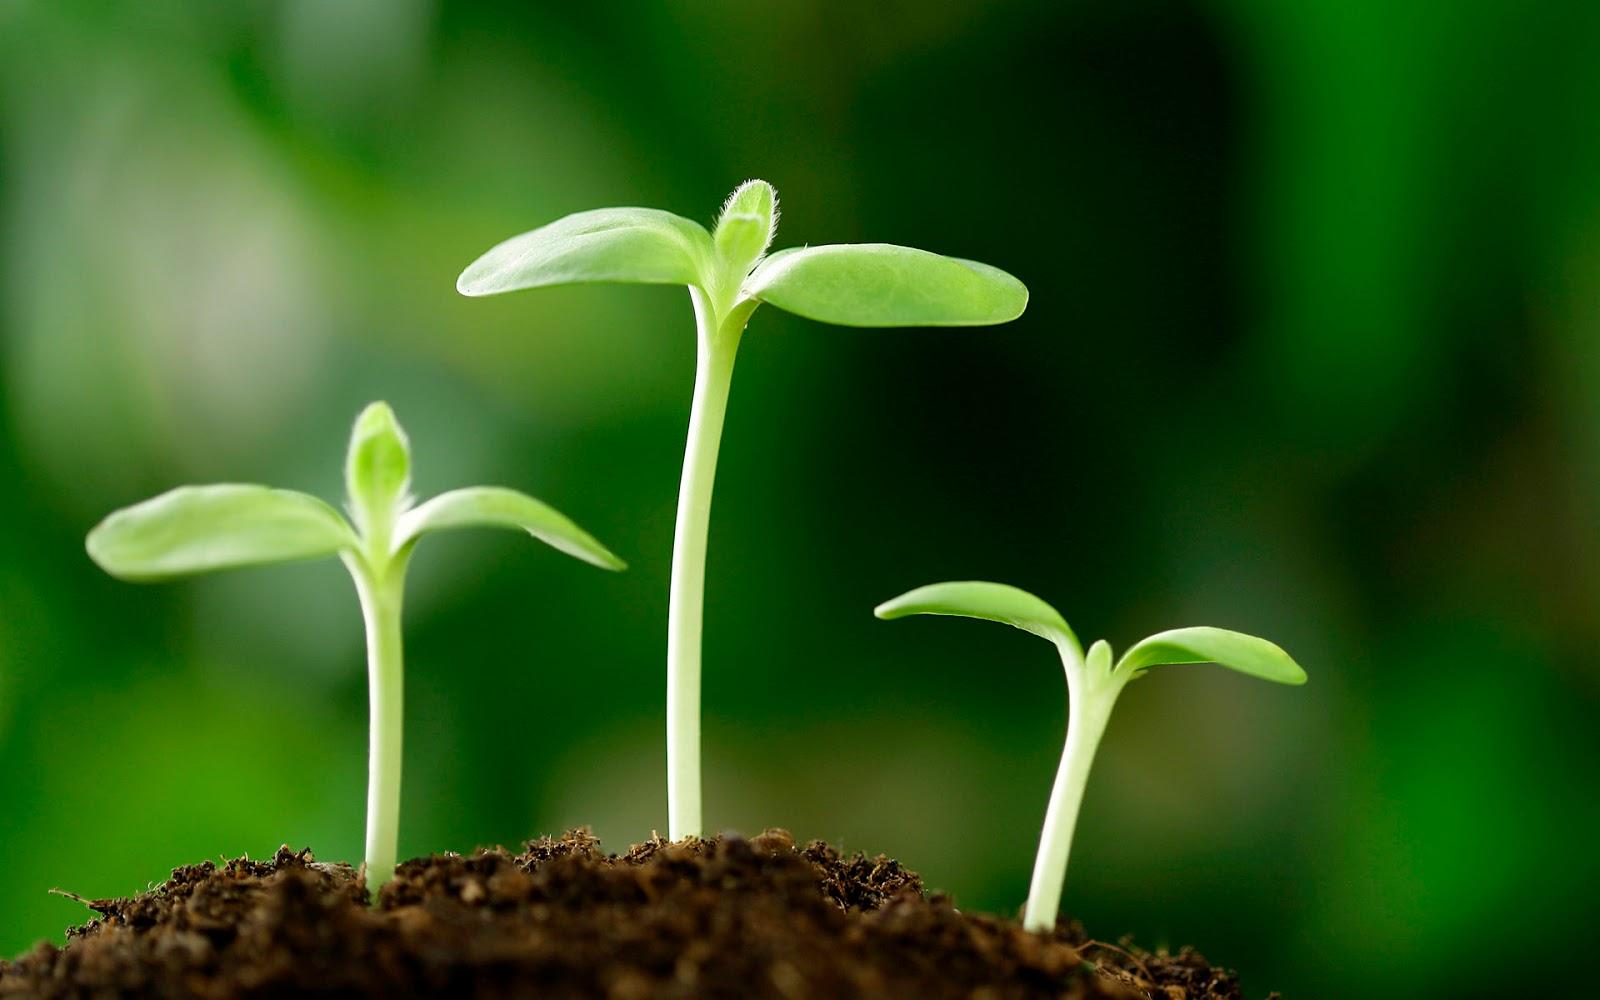 Mùa gieo hạt